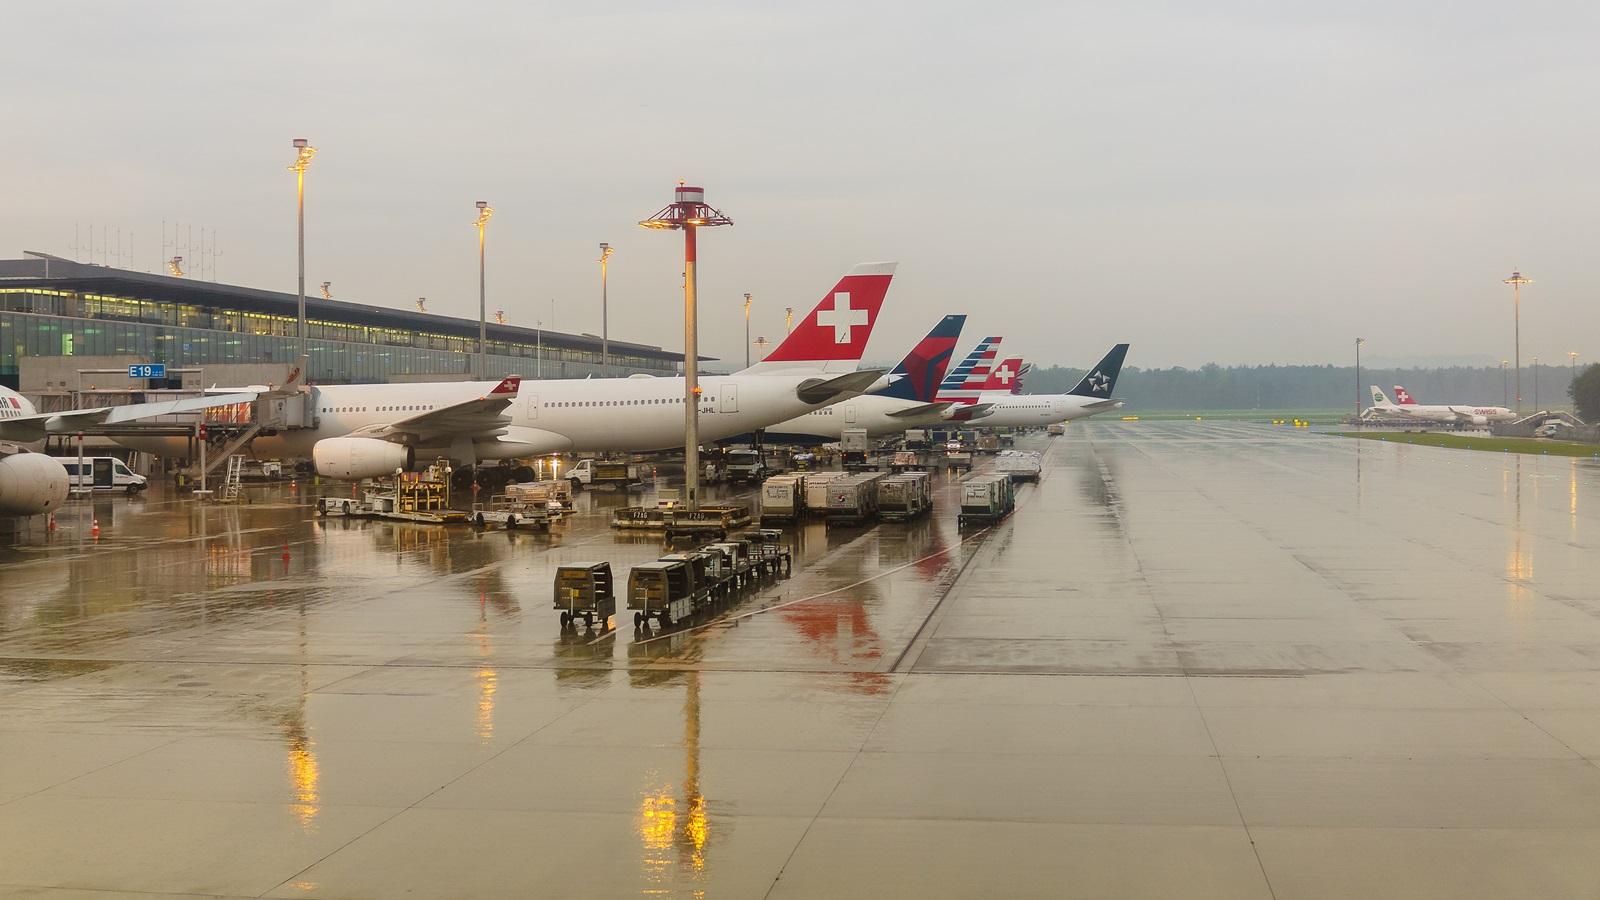 Průvodce poletištích: Doprava zletiště, terminály, odlety apřílety